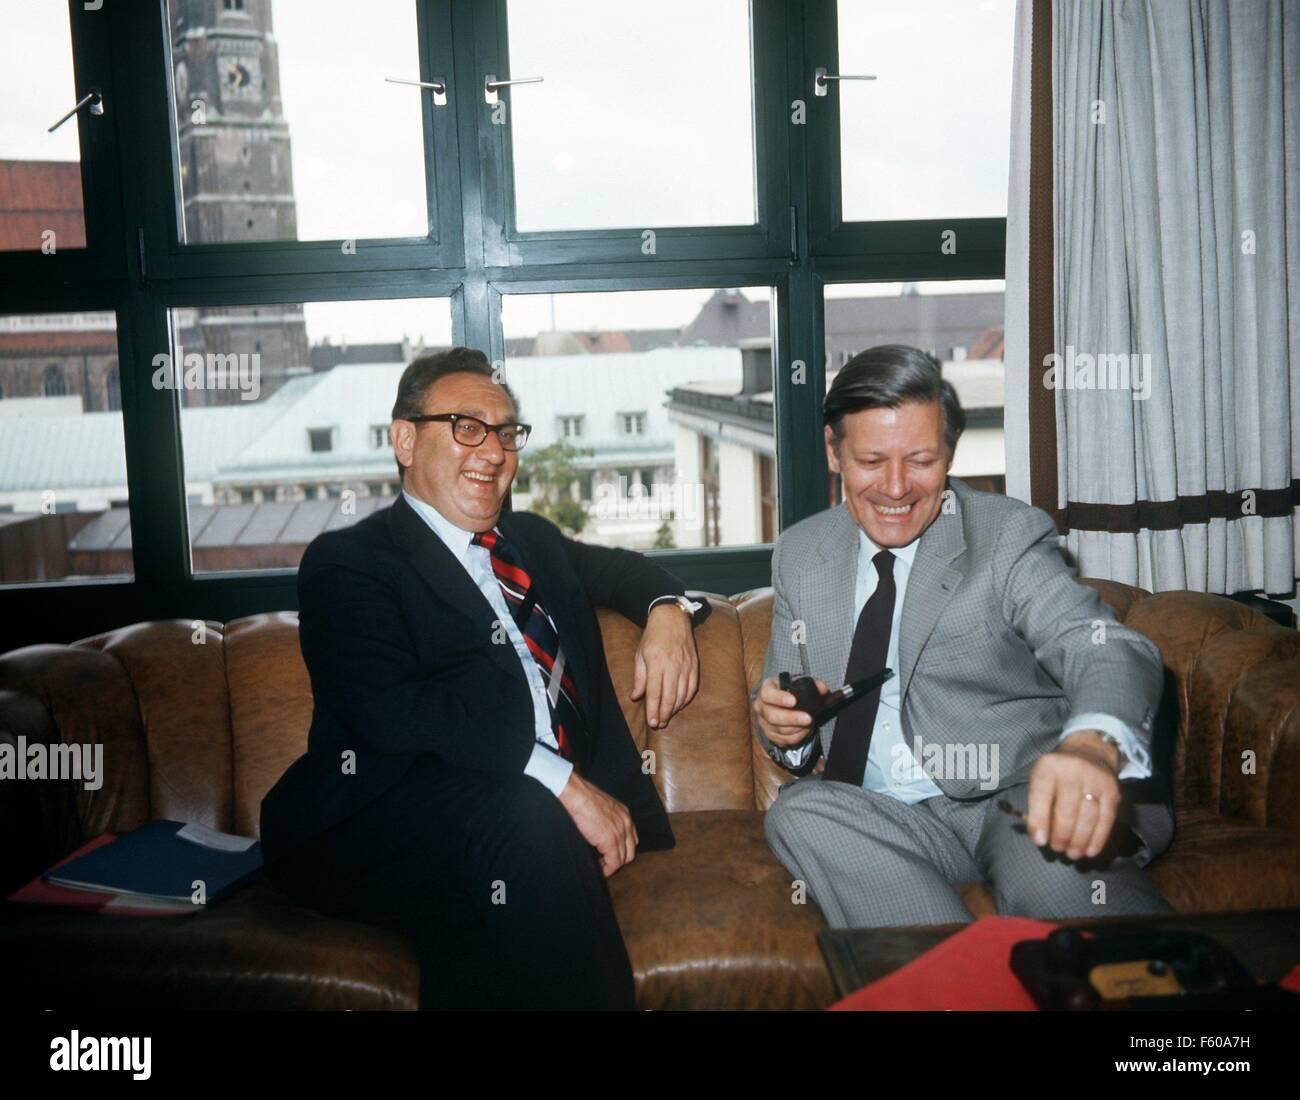 Henry Kissinger, en una conversación con el Canciller Helmut Schmidt (R, SPD) en Munich en 1974. Foto de stock